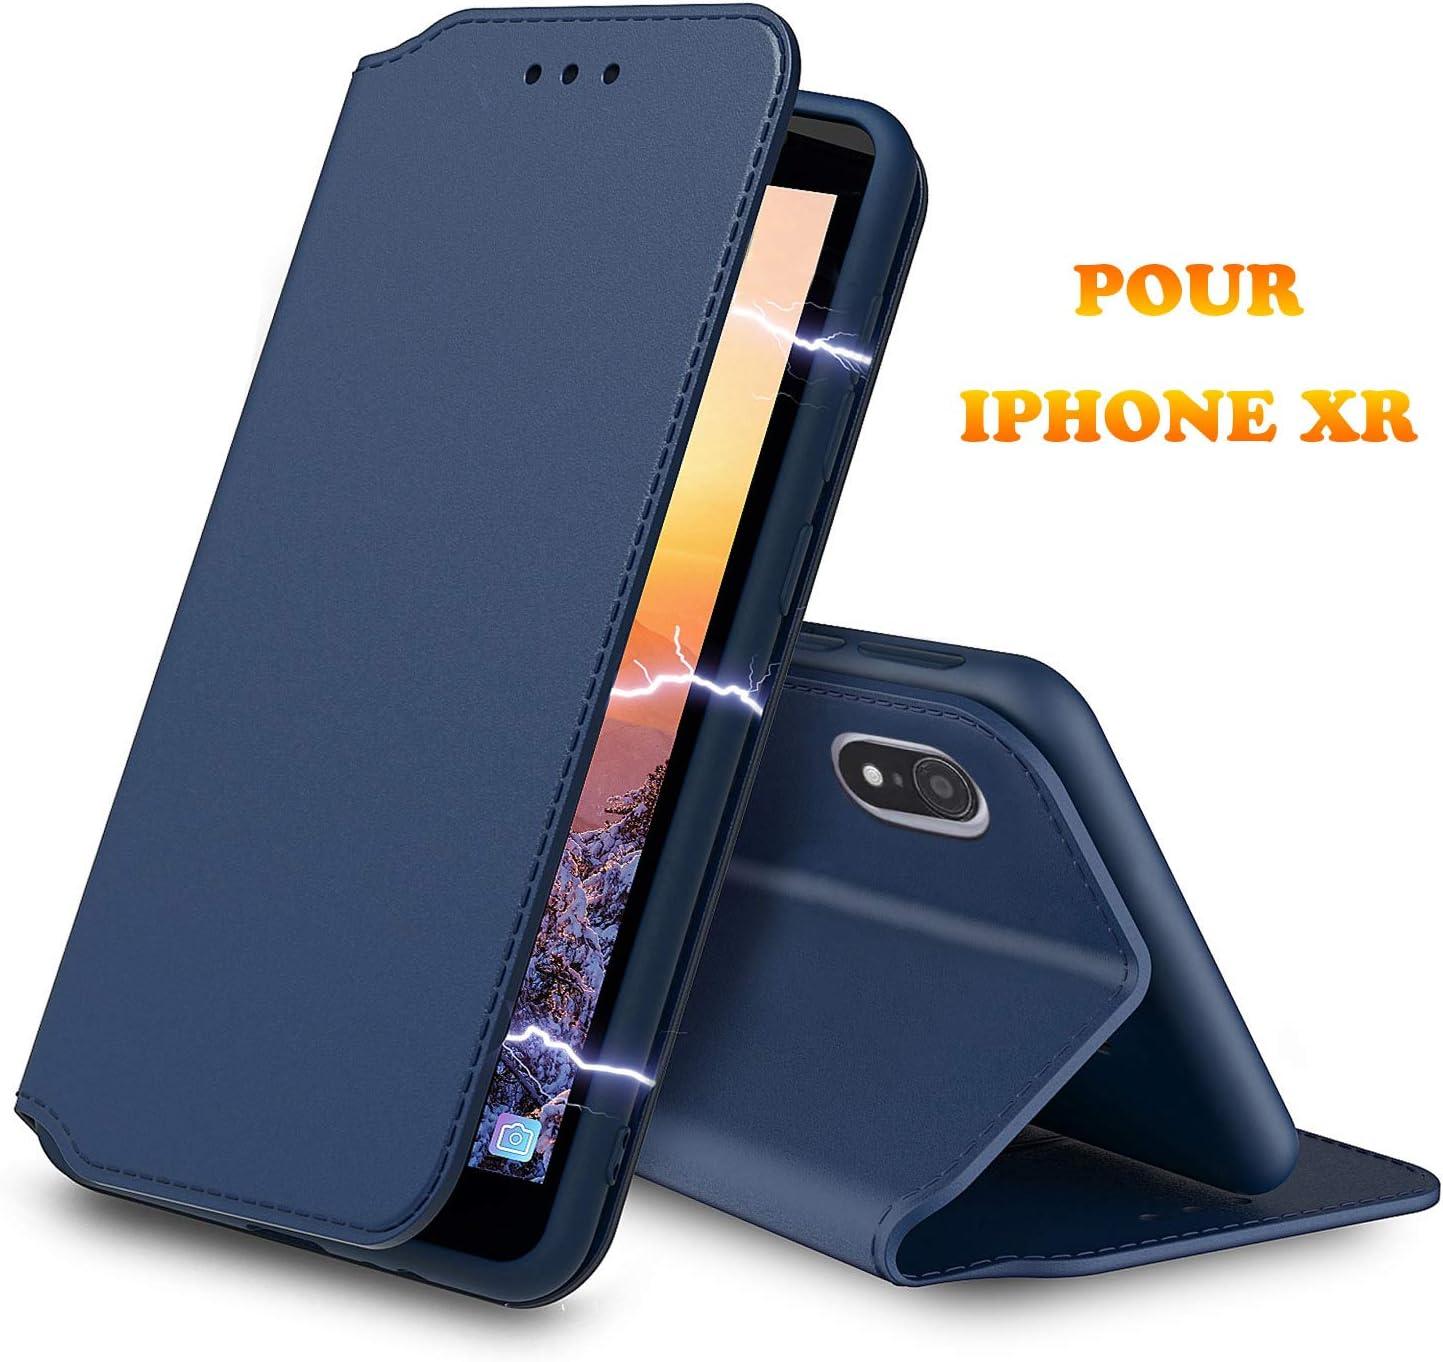 , Etui Slim Noir AURSTORE Etui Coque pour iPhone XR Fermeture Magn/étique 6,1 Pouces Fonction Support Iphone XR , Protection Housse en Cuir PU Portefeuille Livre, Emplacements Cartes pour ,